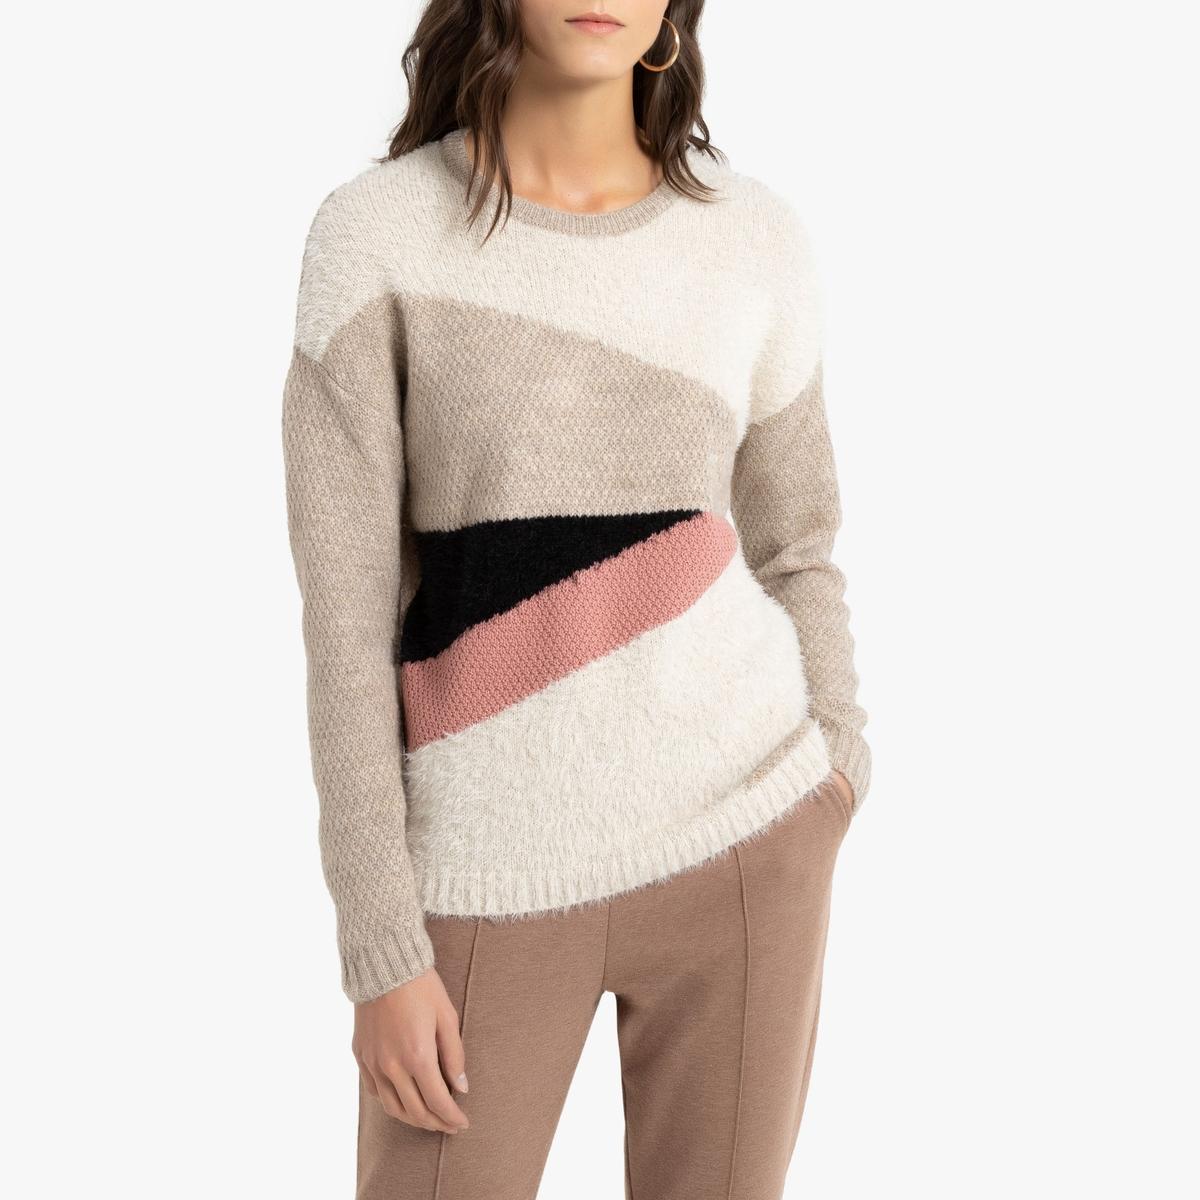 Пуловер La Redoute С круглым вырезом из плотного трикотажа 50/52 (FR) - 56/58 (RUS) бежевый пуловер la redoute с круглым вырезом из плотного трикотажа 3xl бежевый